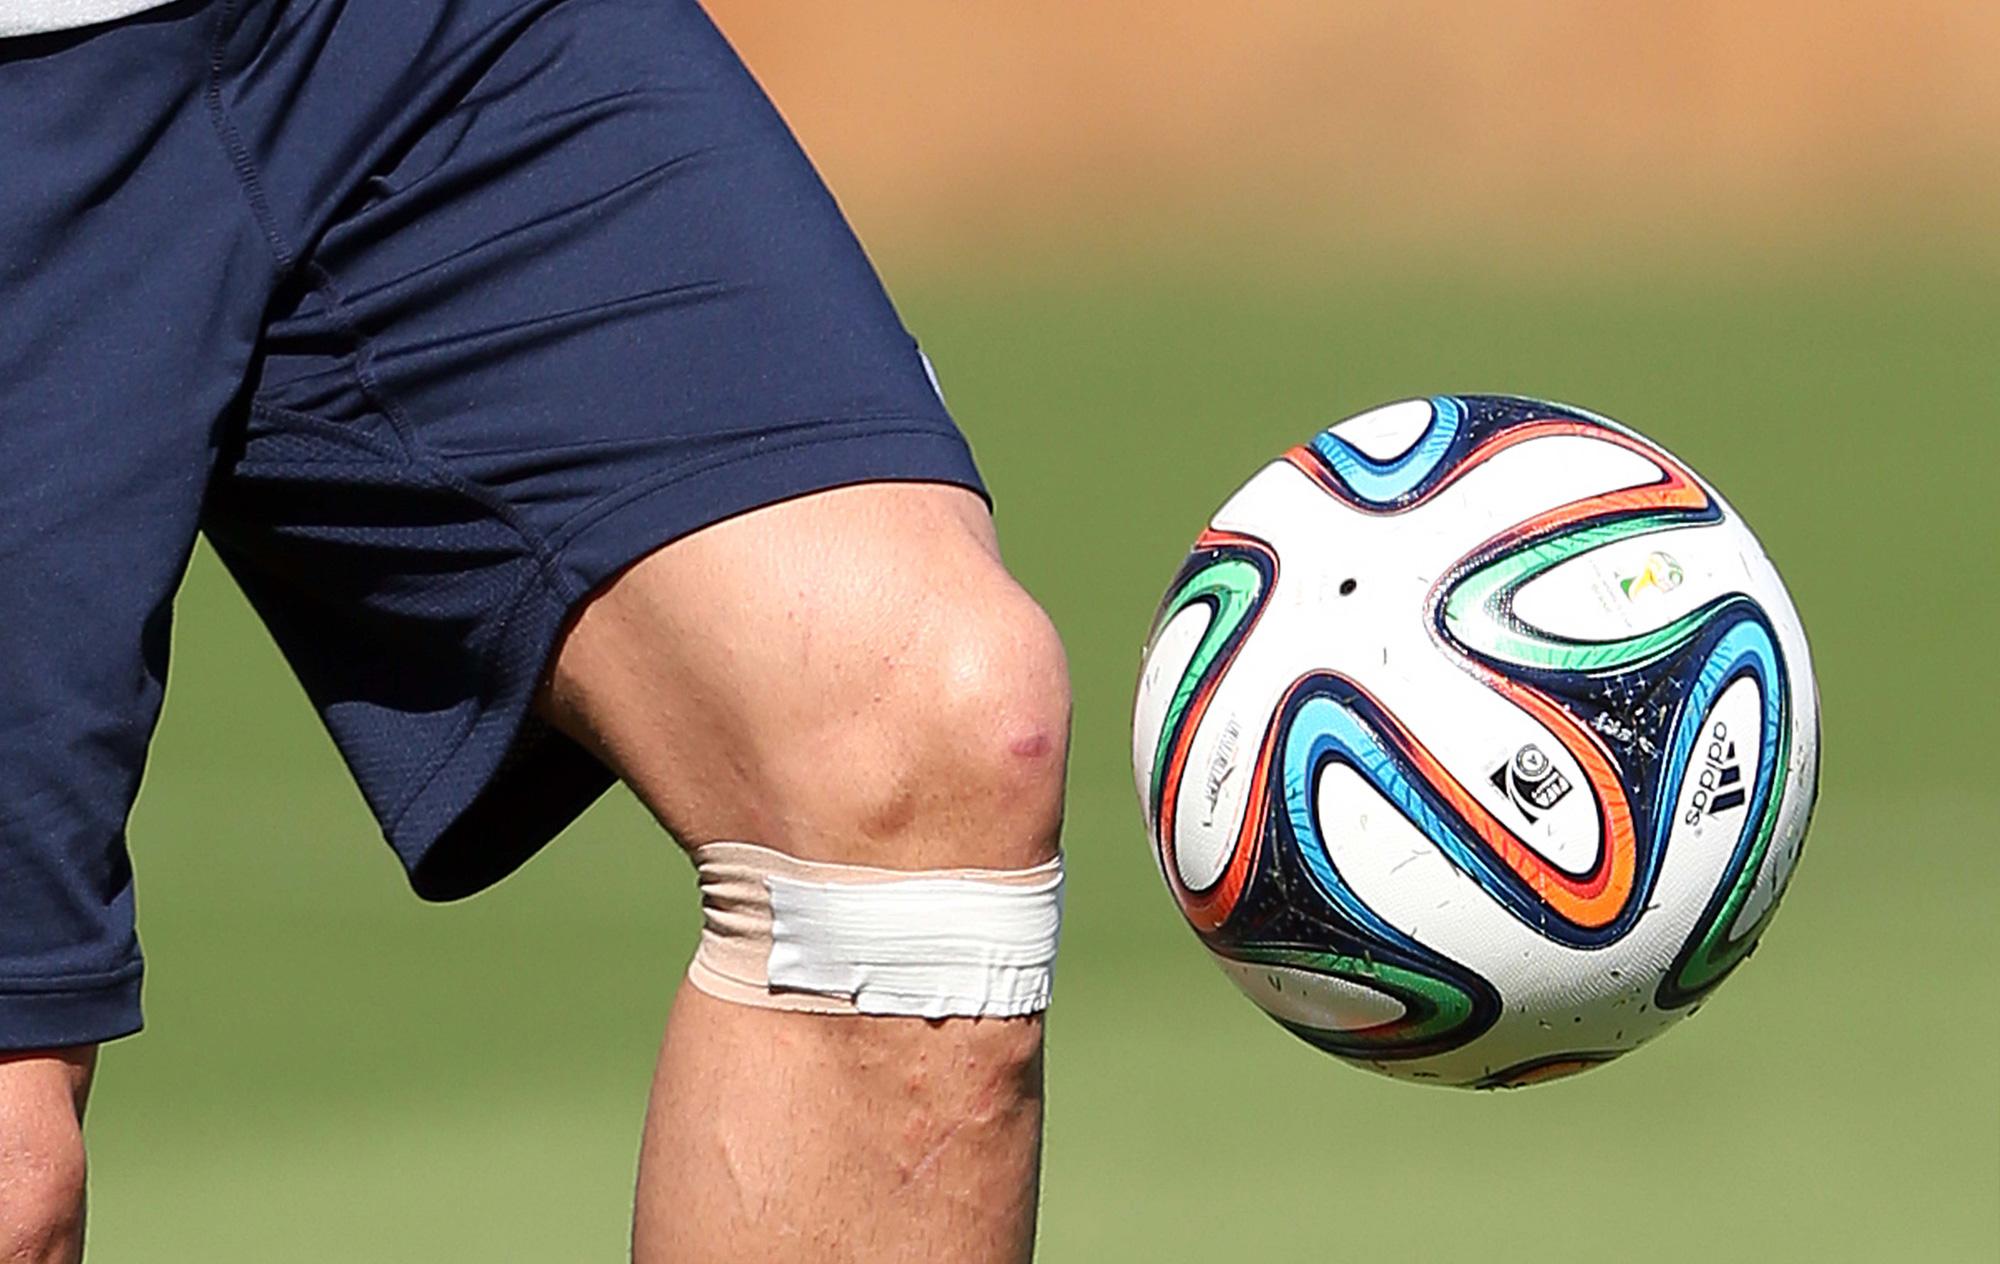 Cristiano Ronaldo volta a treinar com proteção no joelho esquerdo ... c1bfefad6e3e0